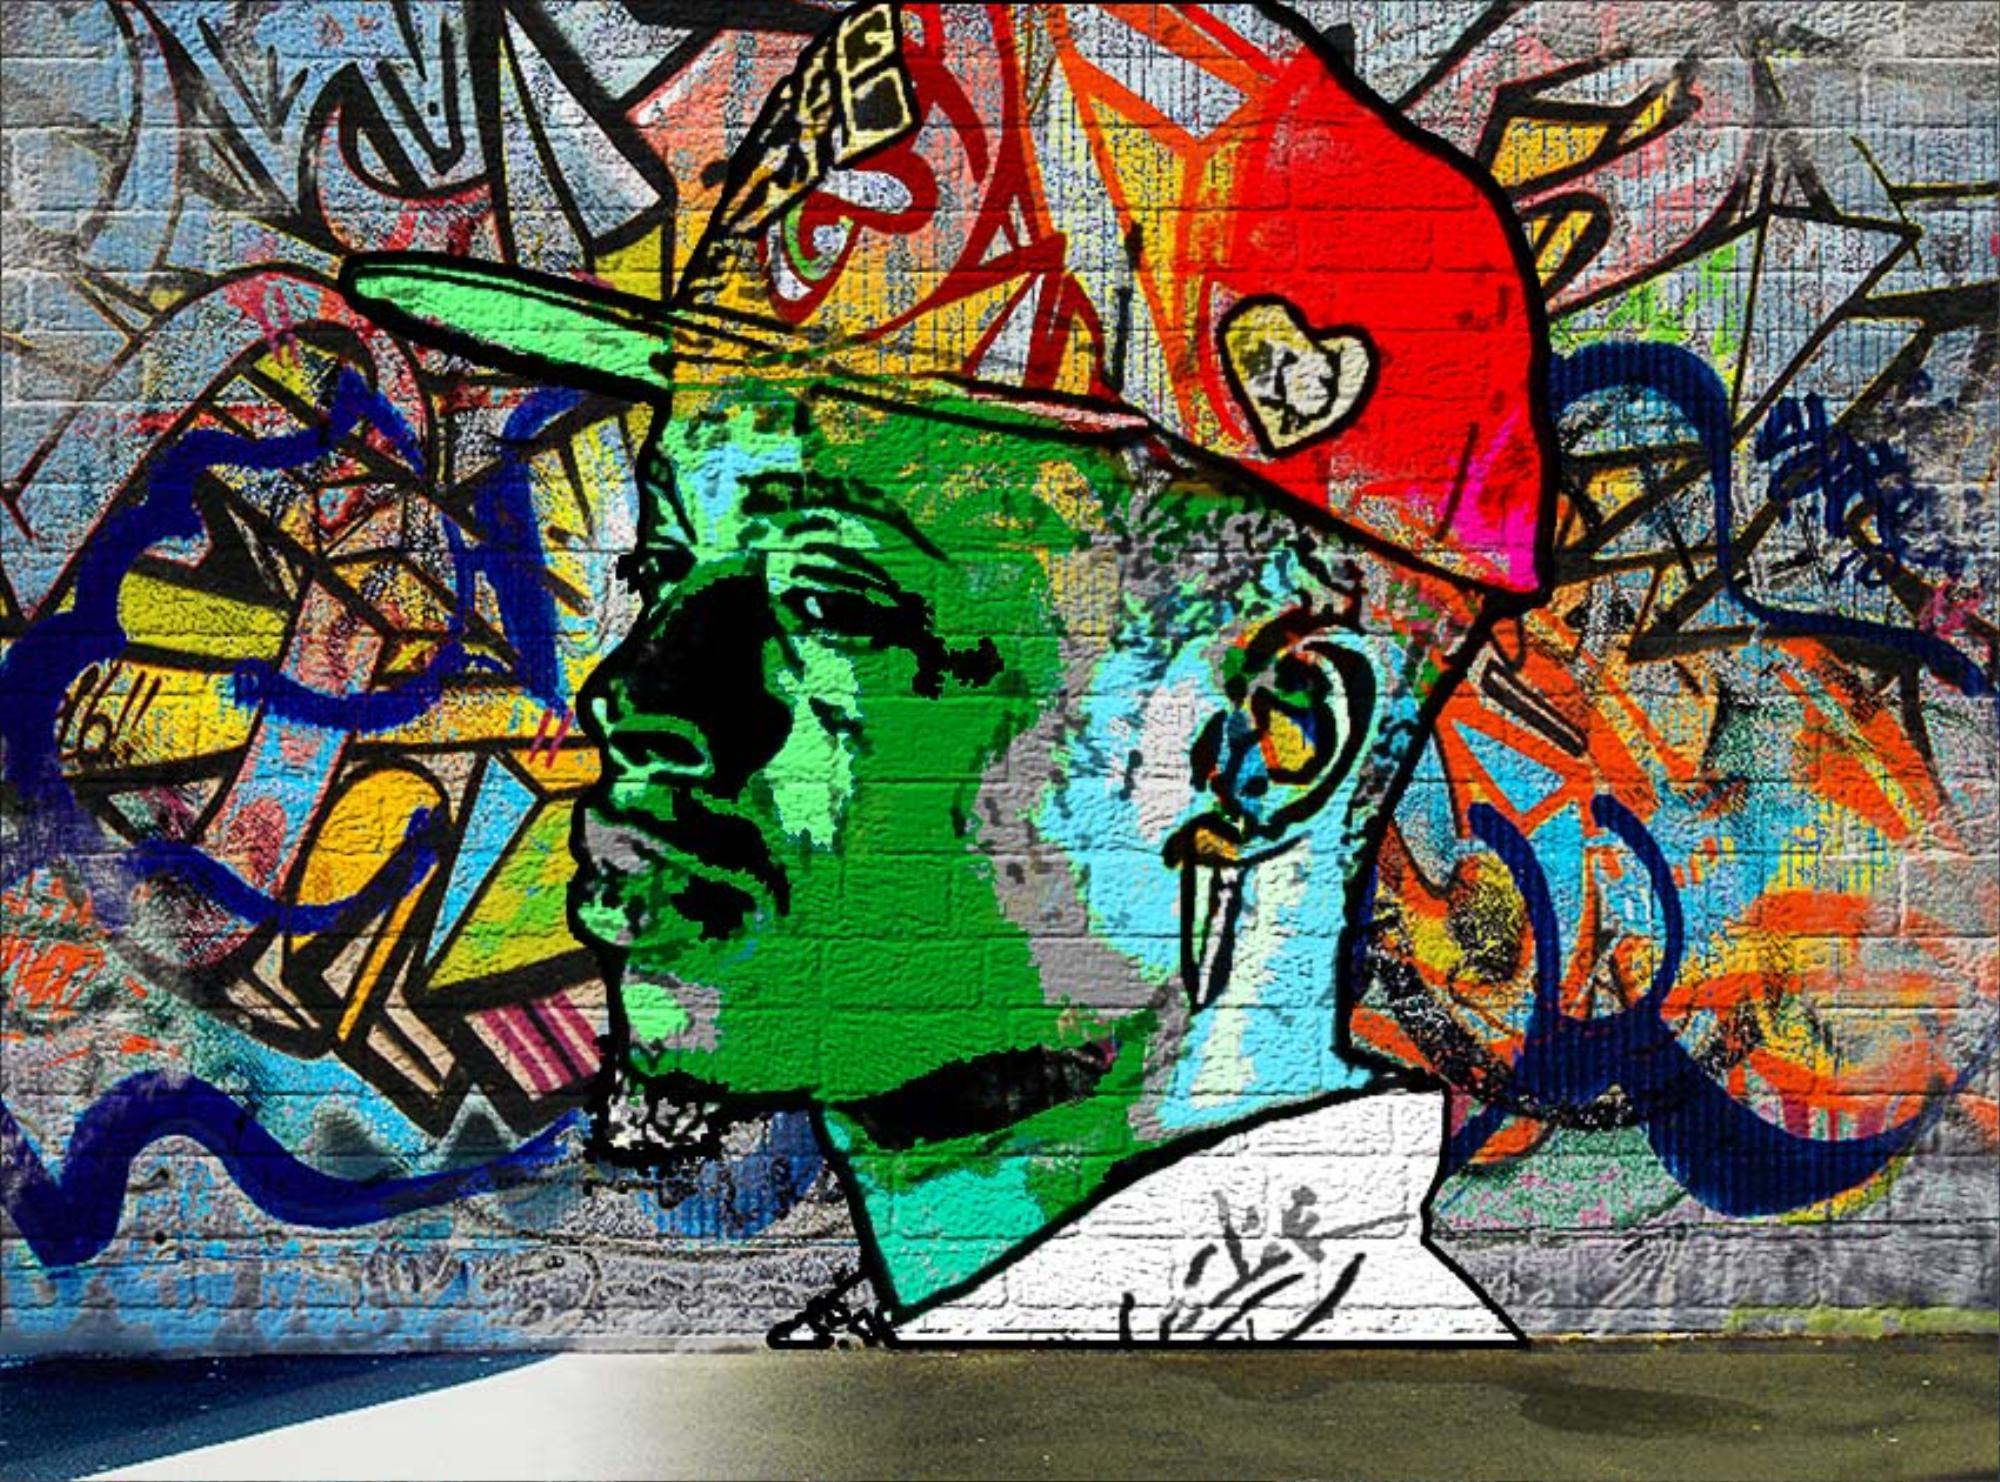 Hip-hop: Từ gốc gác bình dân cho đến 'đế chế' văn hóa hùng mạnh Ảnh 7